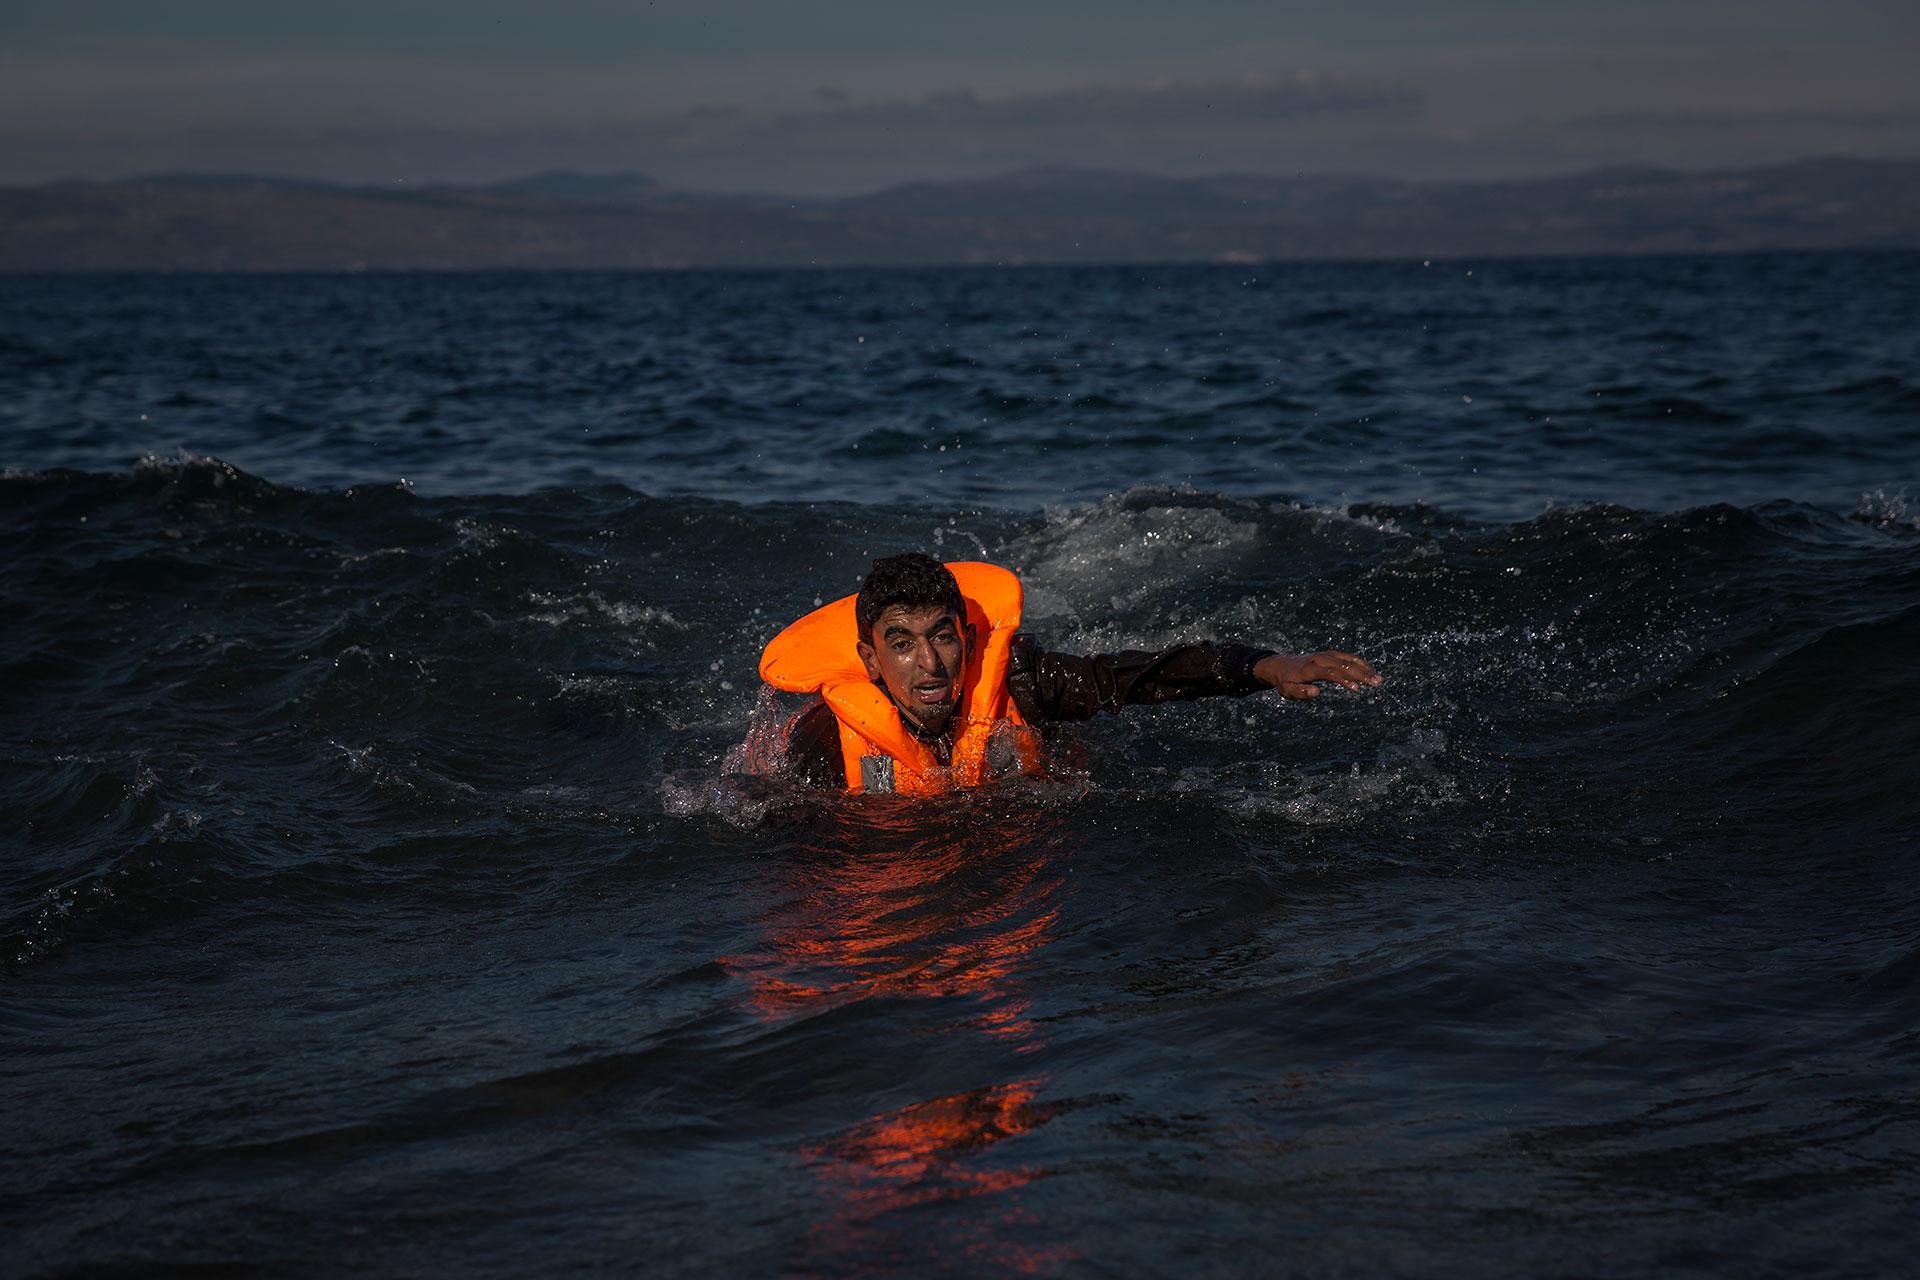 Un joven nada hacia la orilla de una playa en la isla griega de Lesbos tras saltar de la precaria embarcación en la que, junto a otras decenas de personas, han cruzado los 10 kilómetros de mar que separan la isla de las costas turcas.